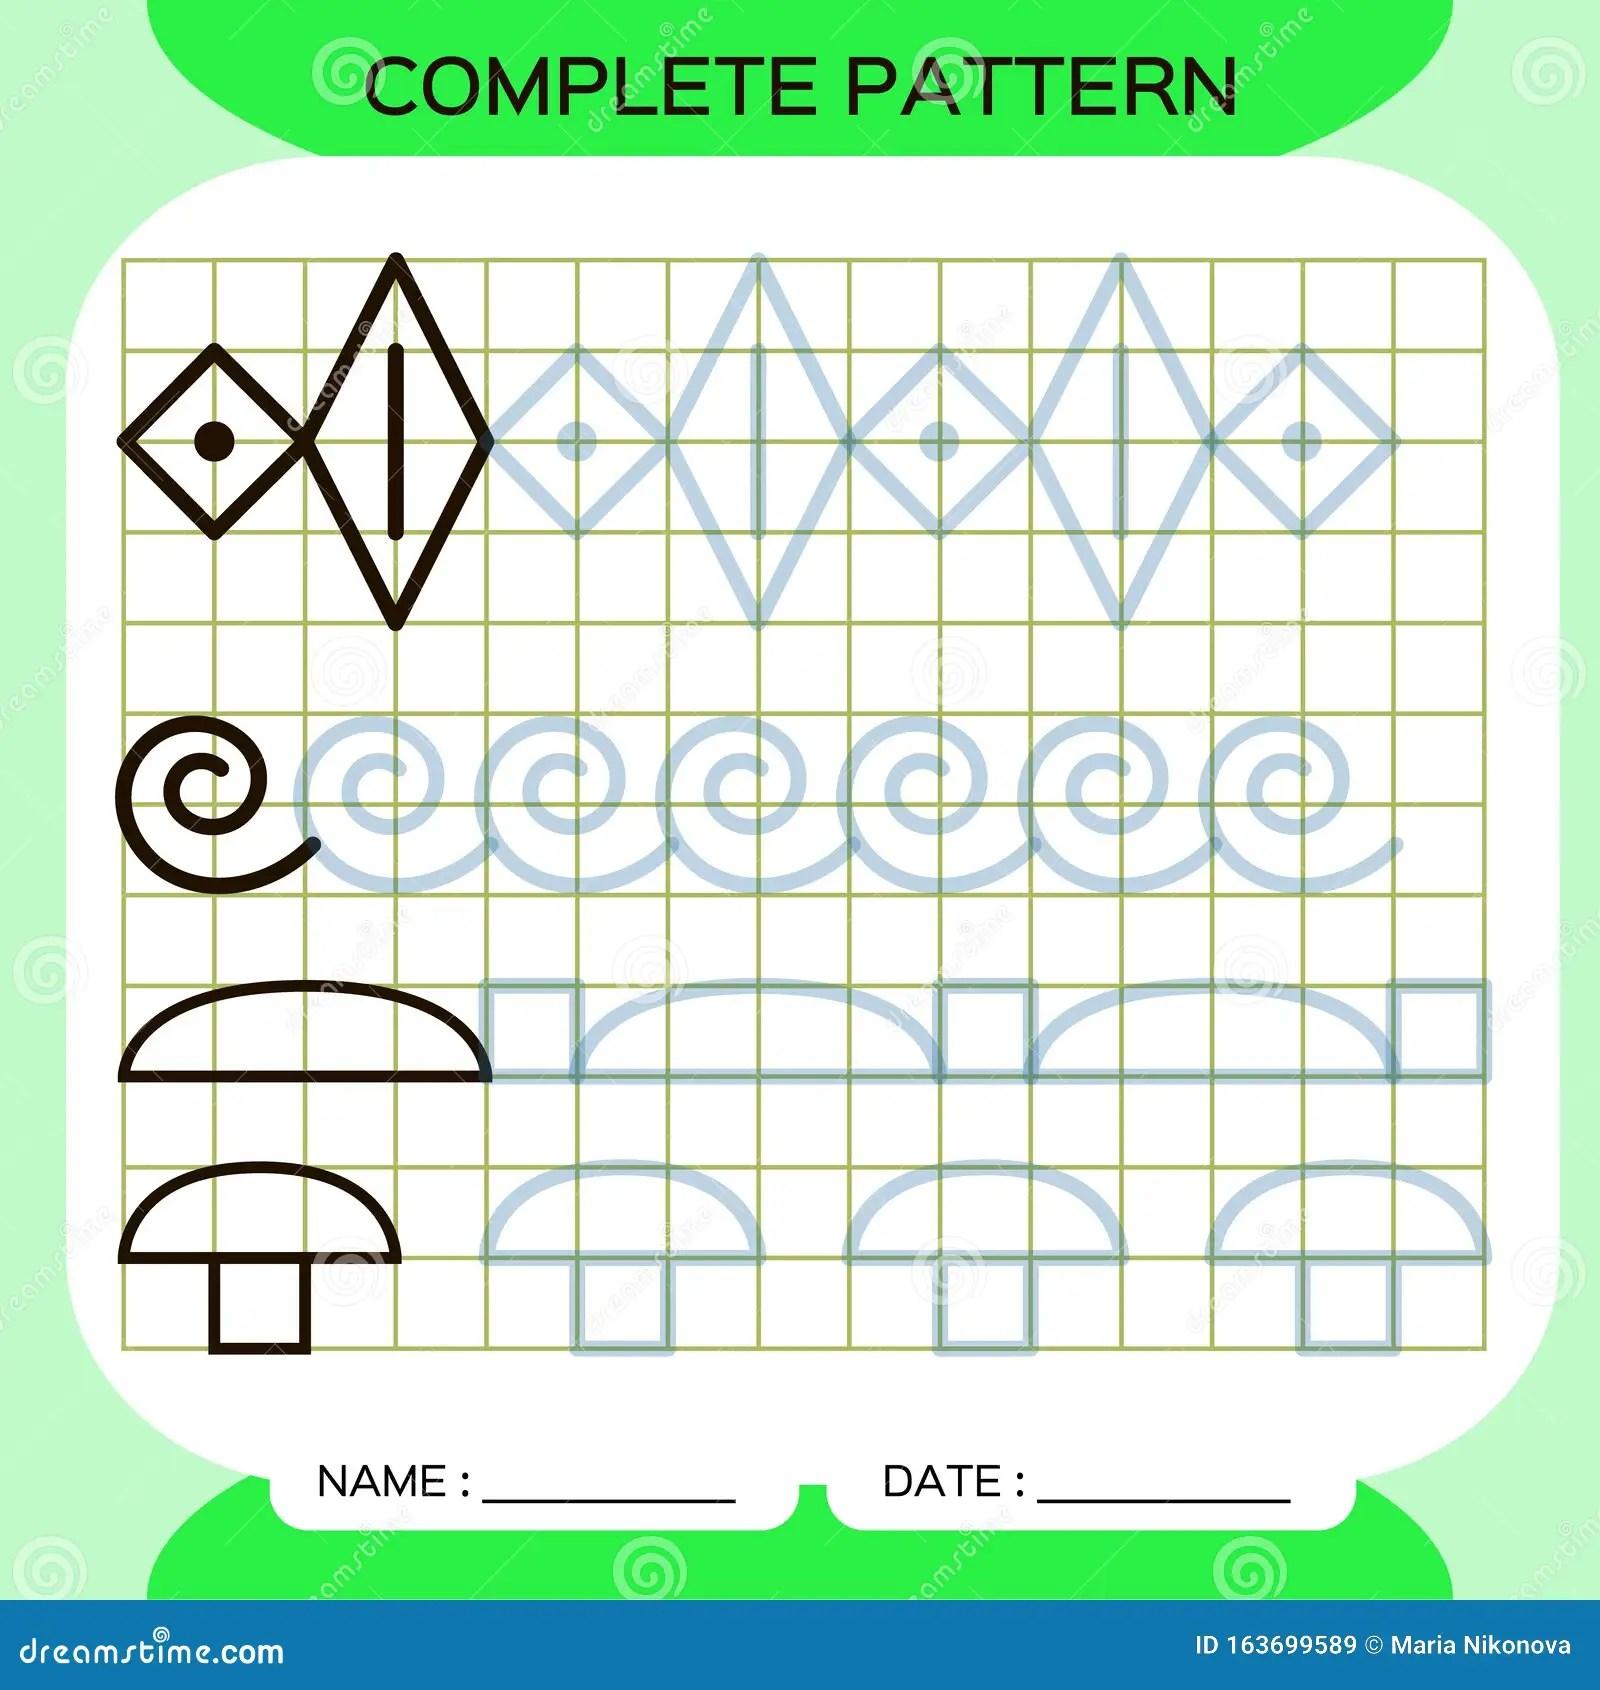 Lines Tracing Pattern Worksheets For Kindergarten